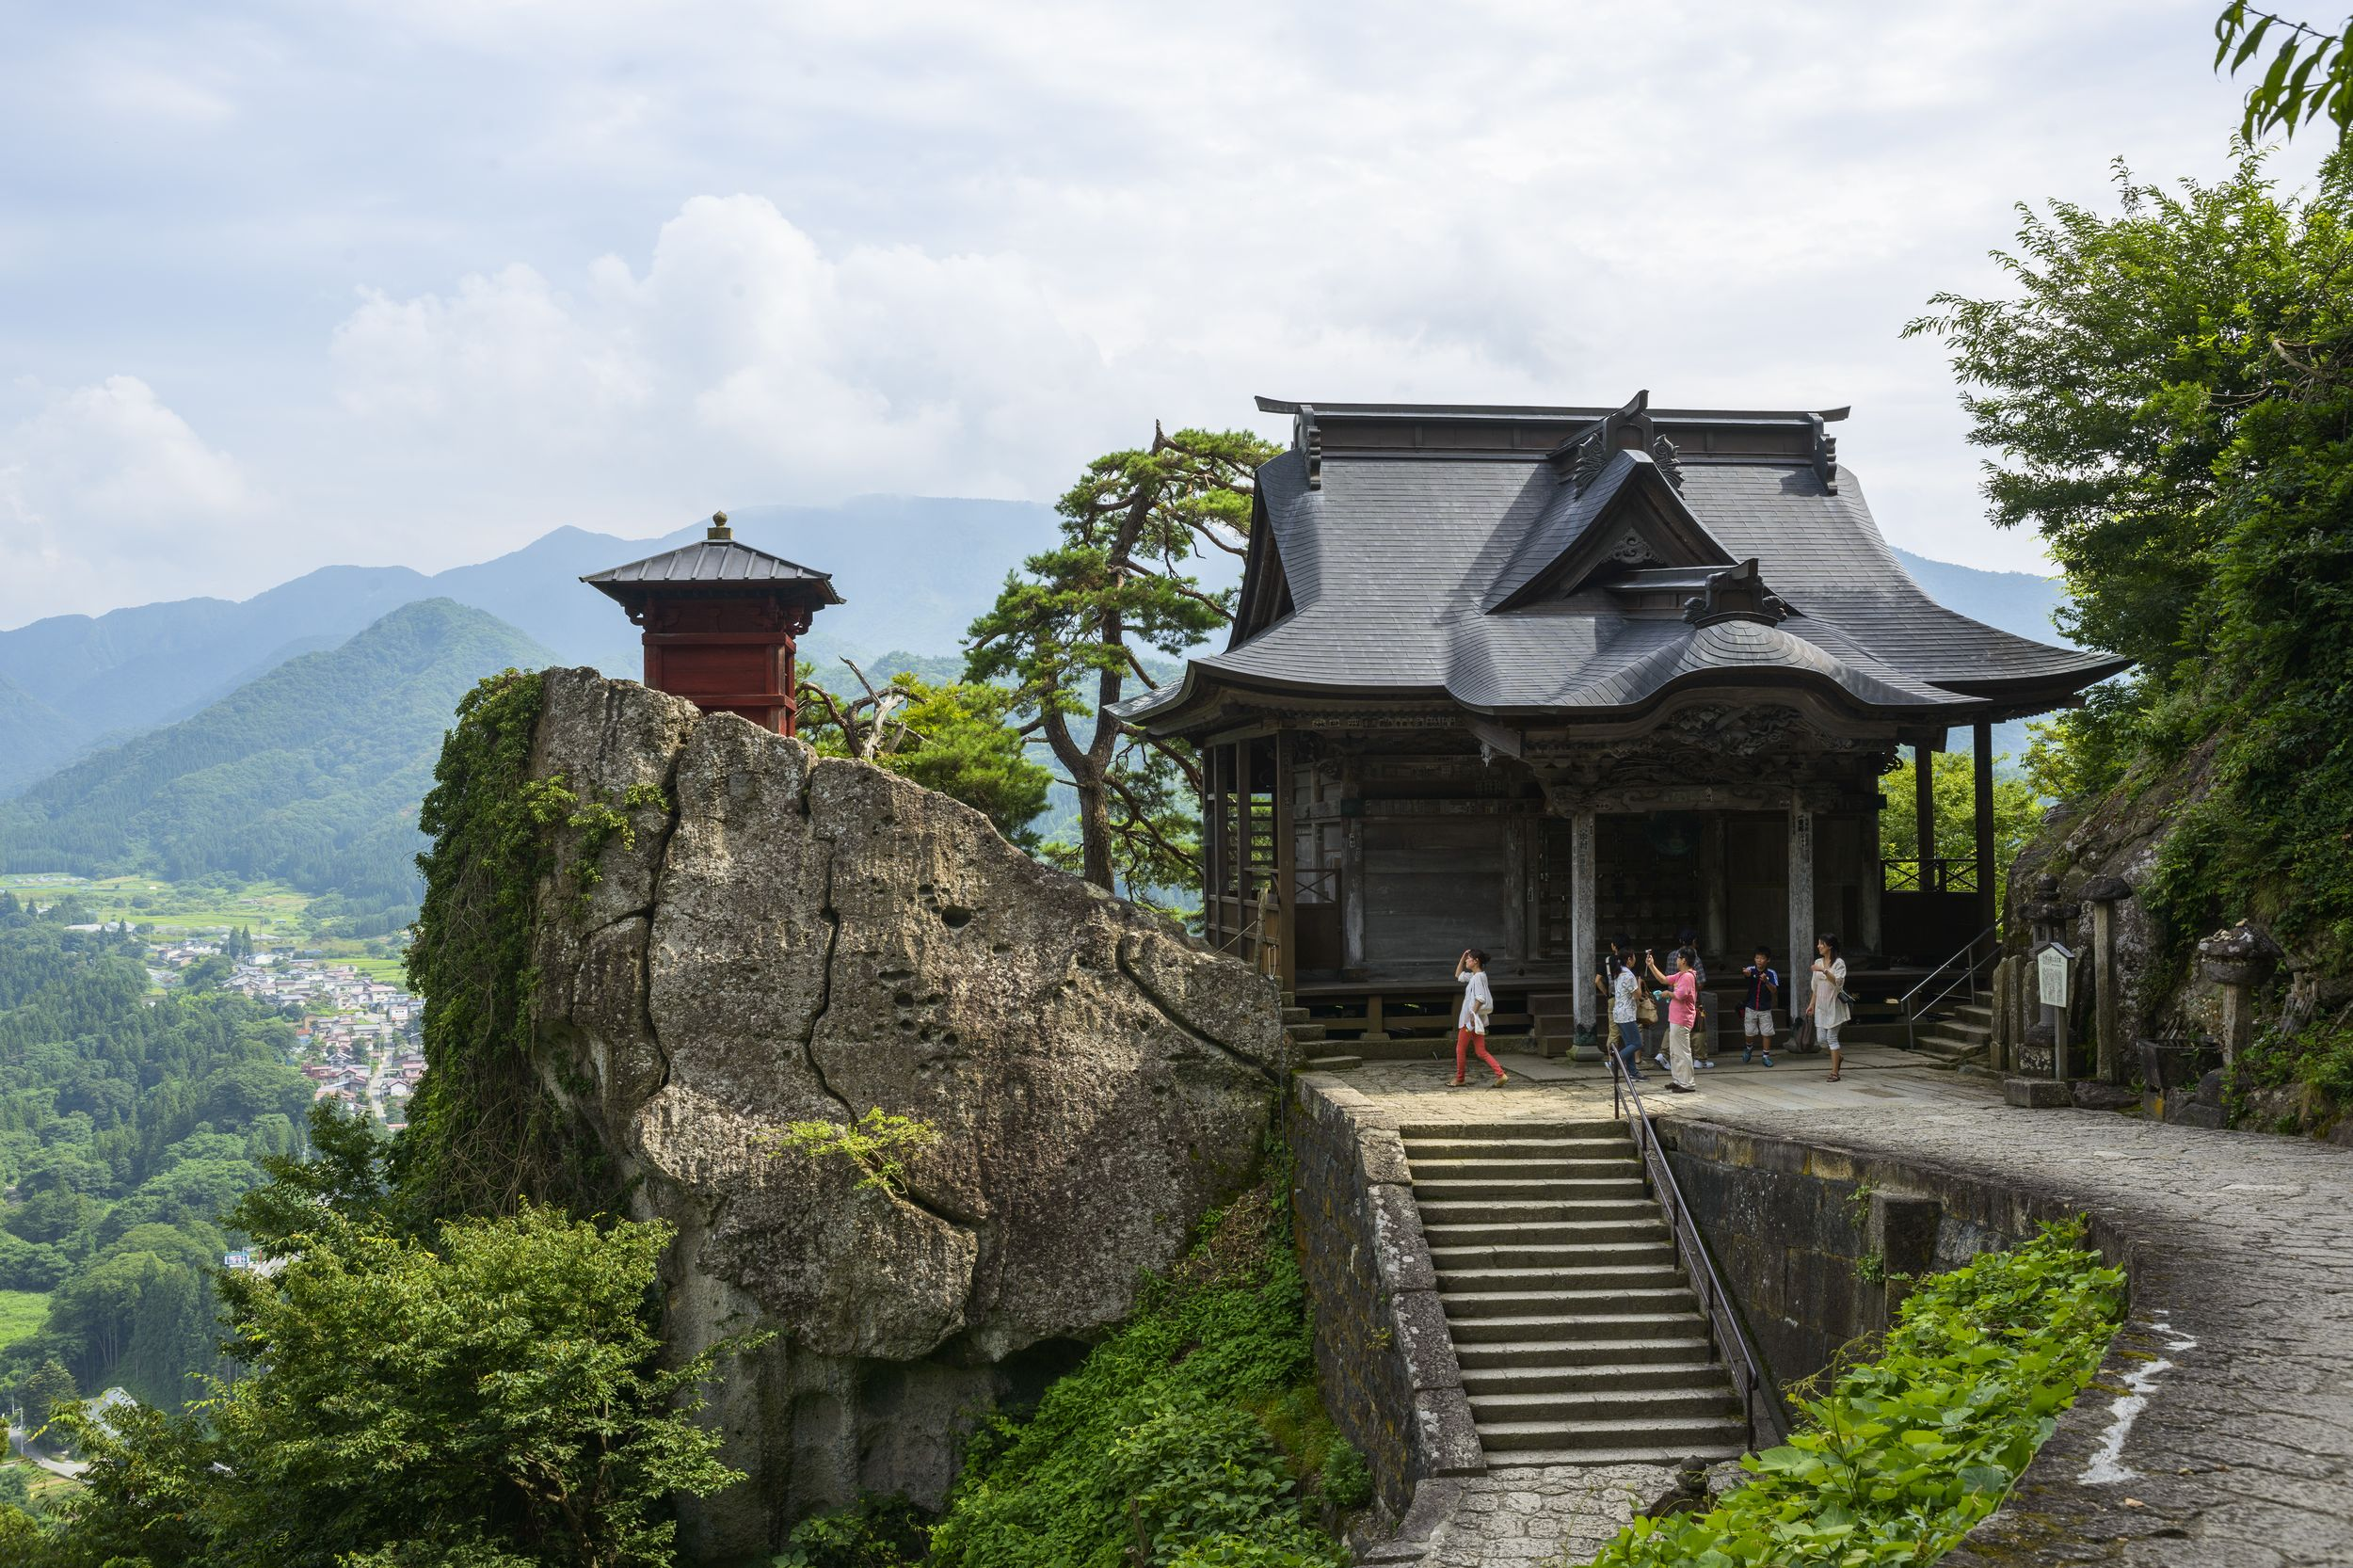 【山形初心者or初めて来る方におすすめ!】山寺までの行き方・周辺スポットを楽しむための完全攻略ガイド